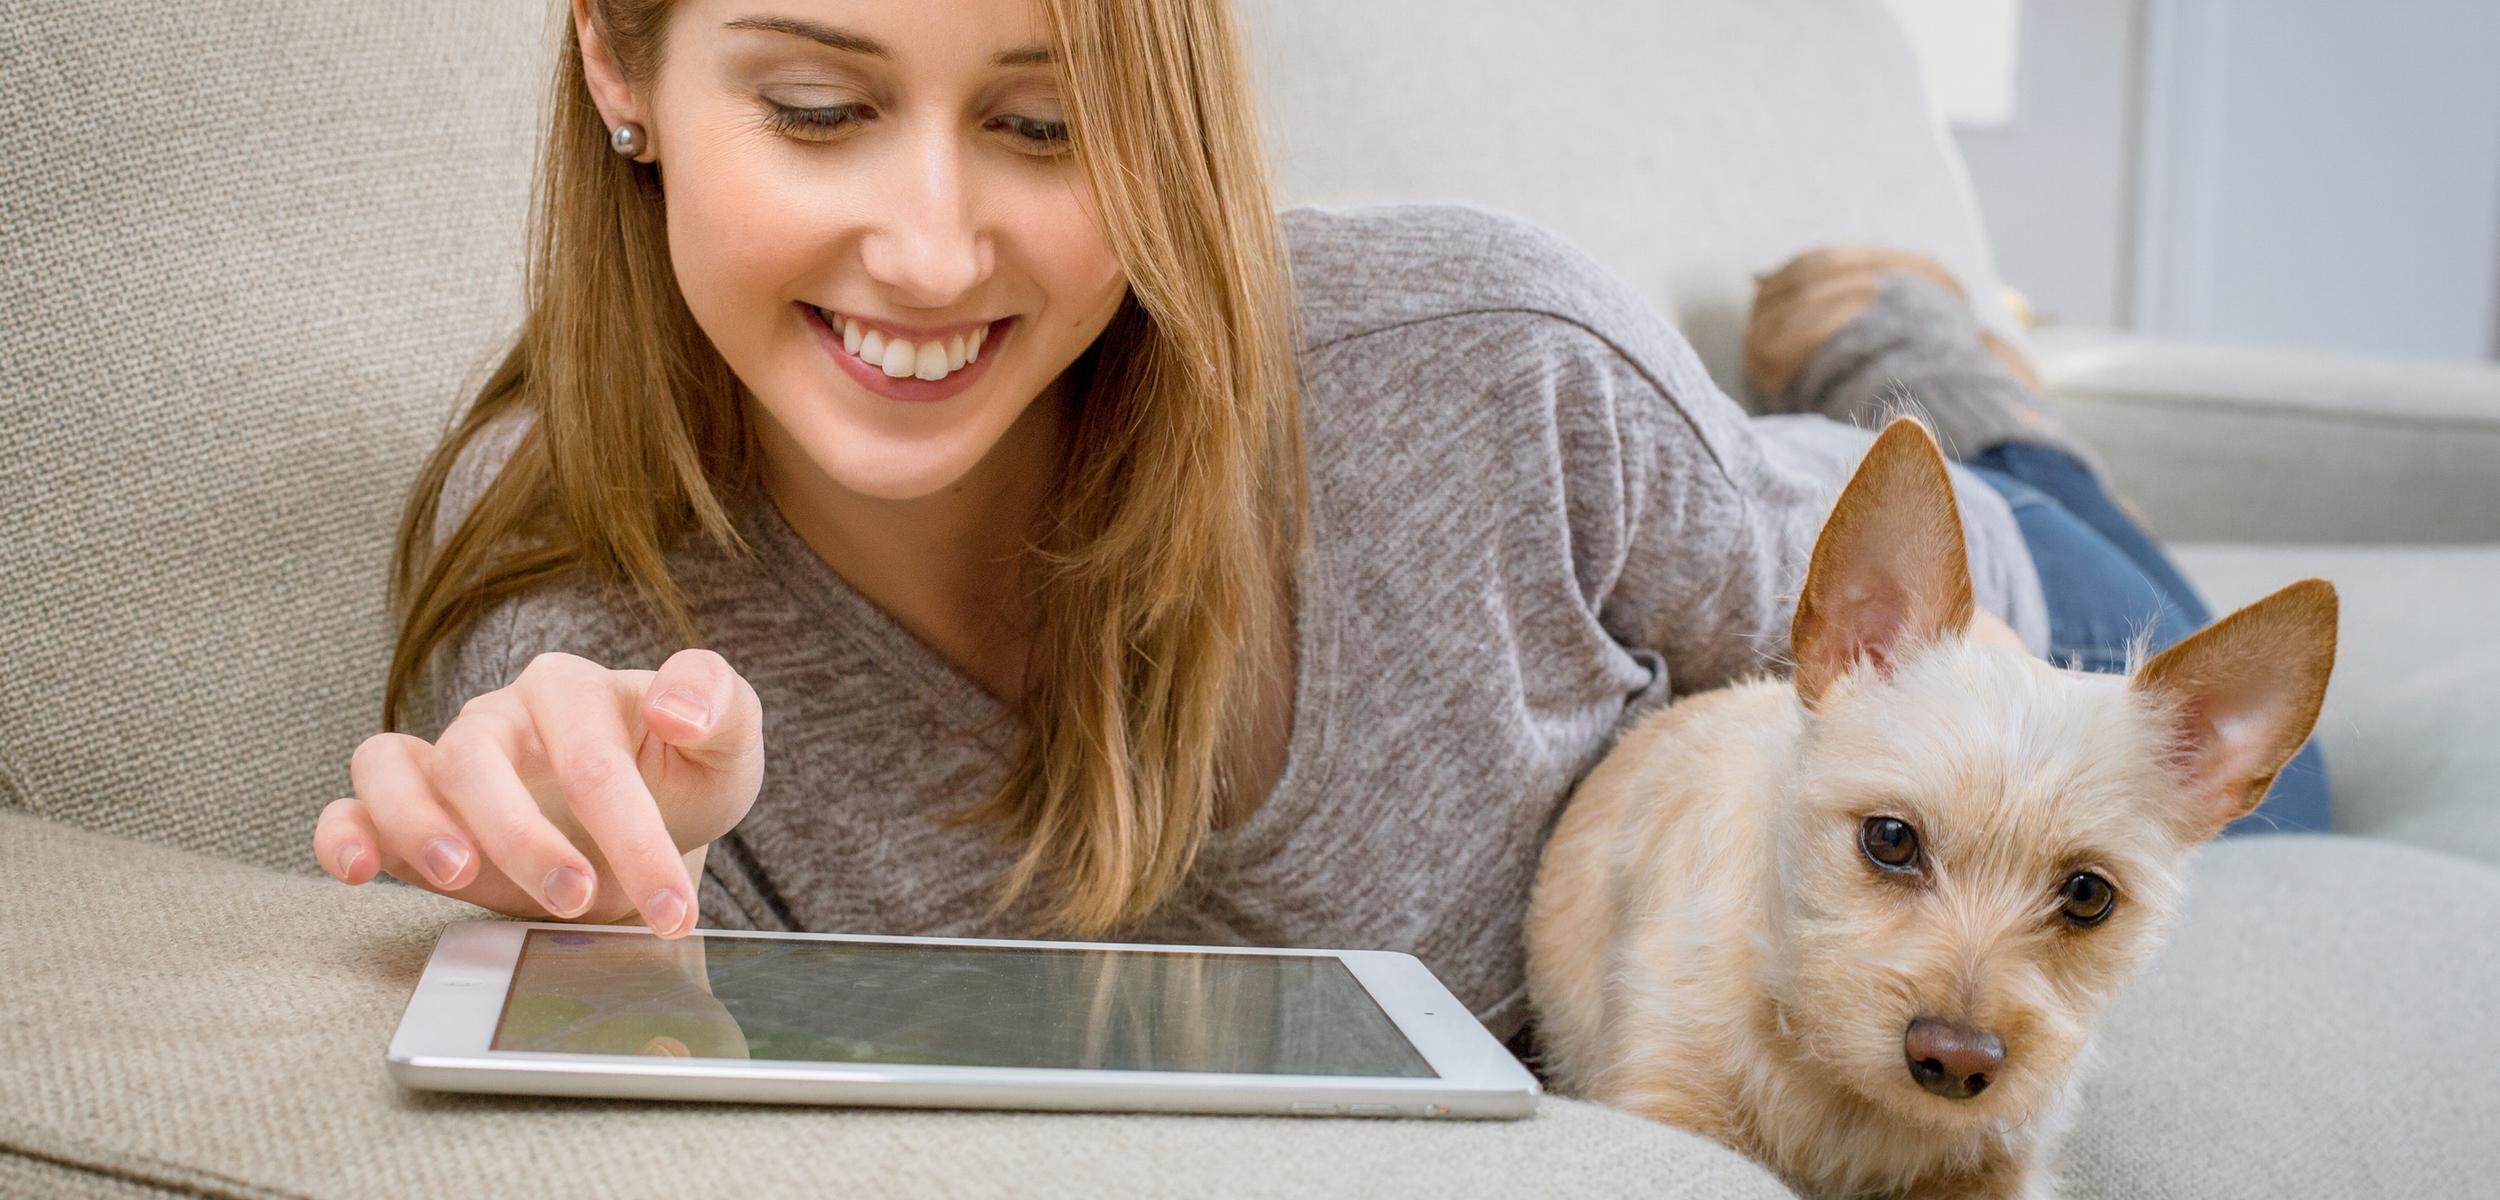 Какие приложения нравятся американским домохозяйкам